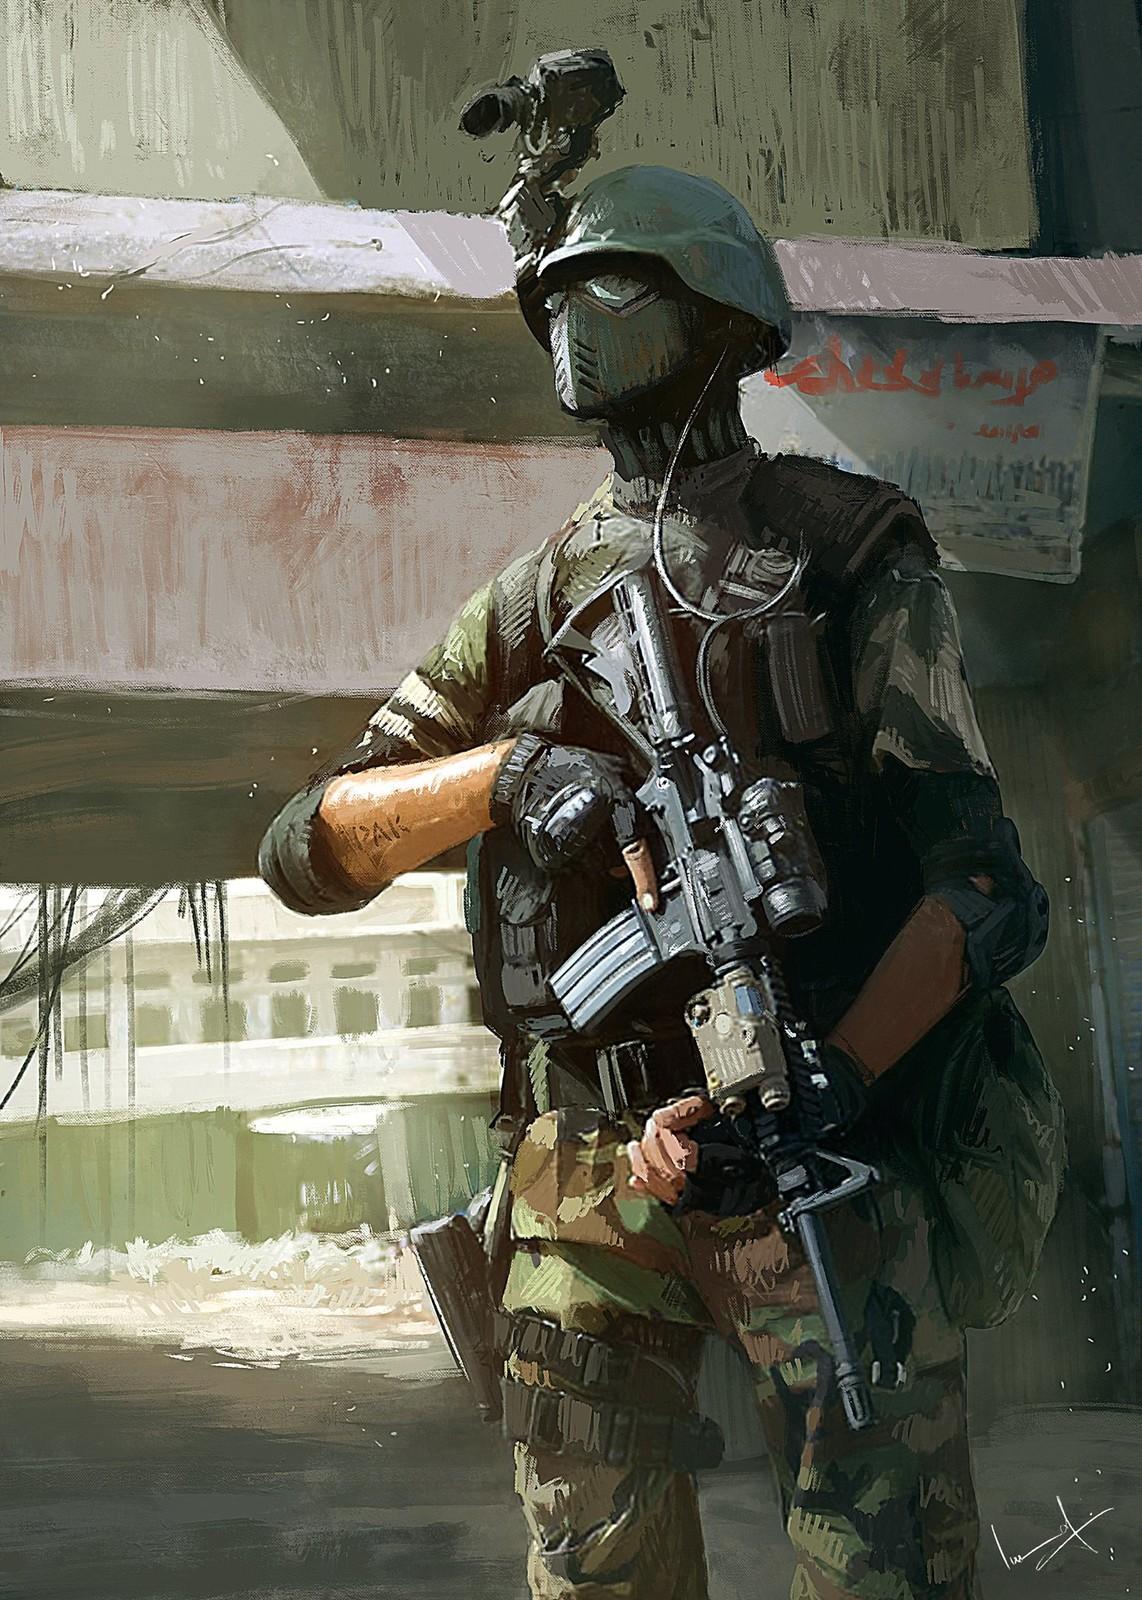 SSG Soldier